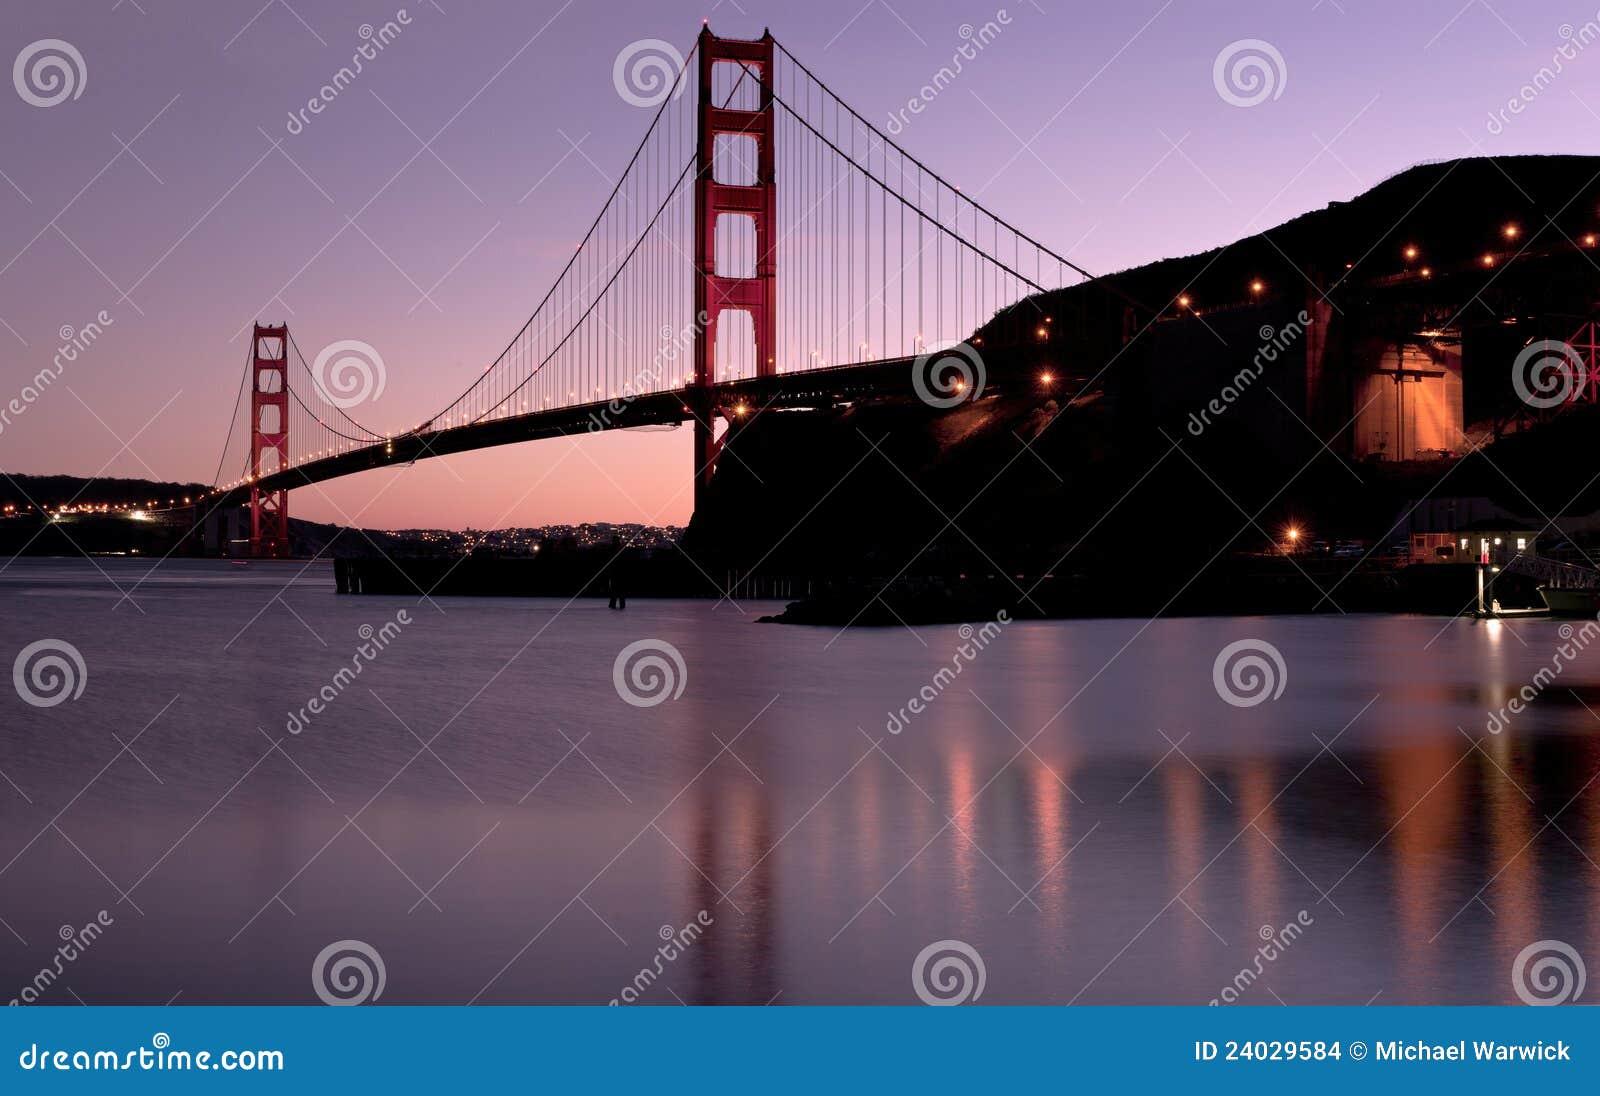 Puente de puerta de oro en la puesta del sol